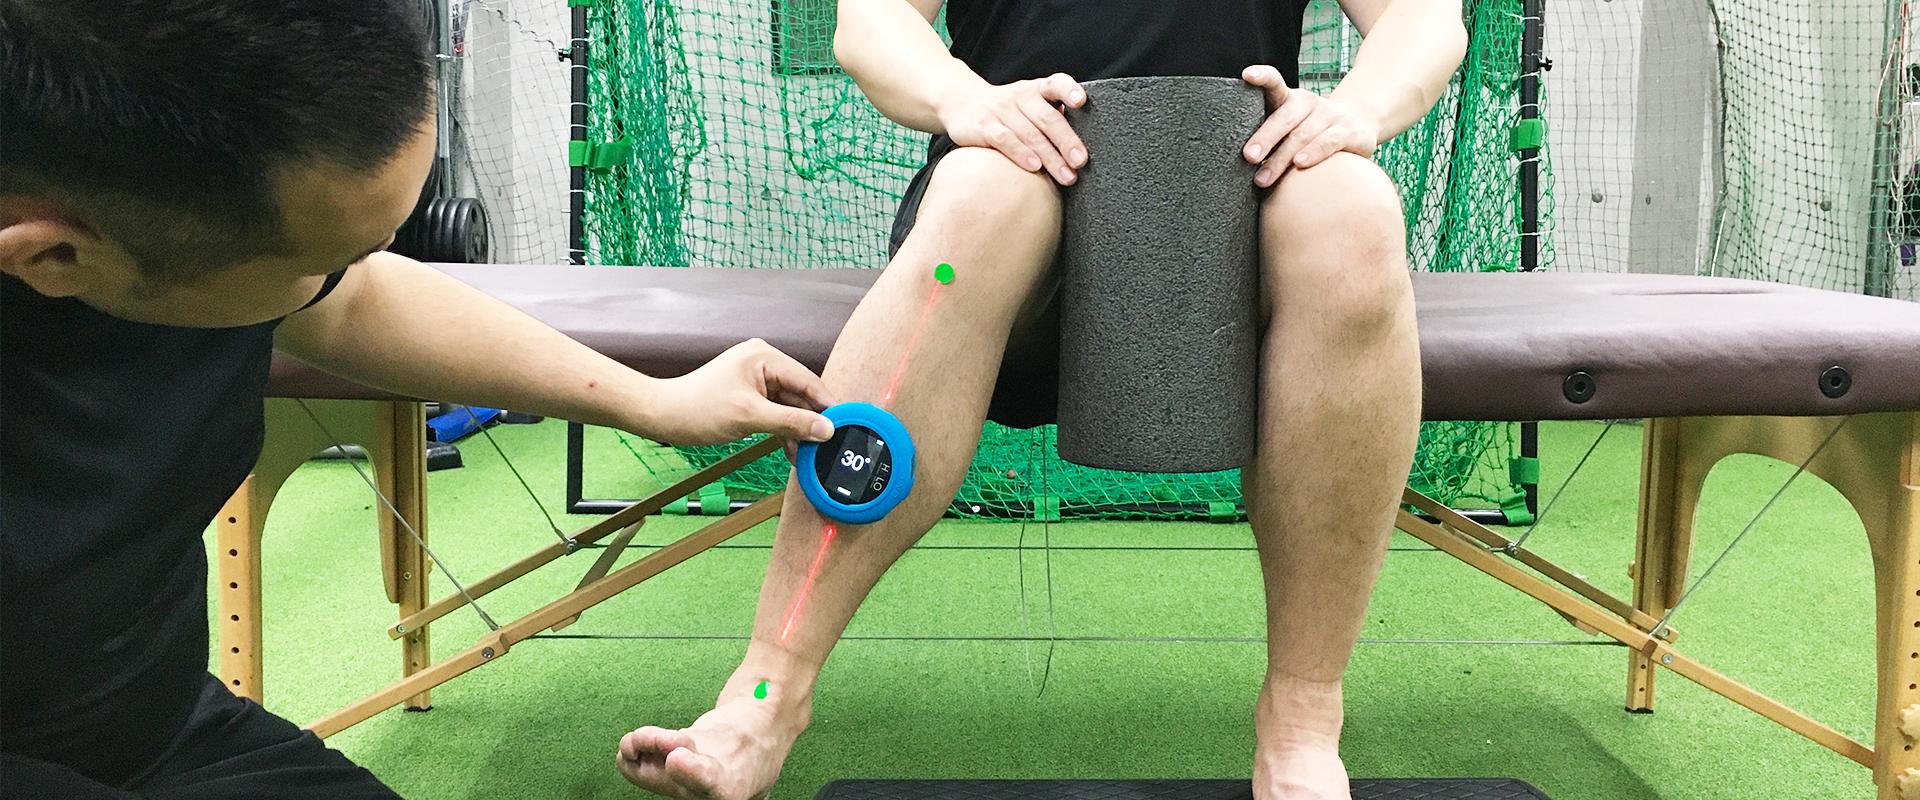 身体の制限や動きの欠陥を特定する